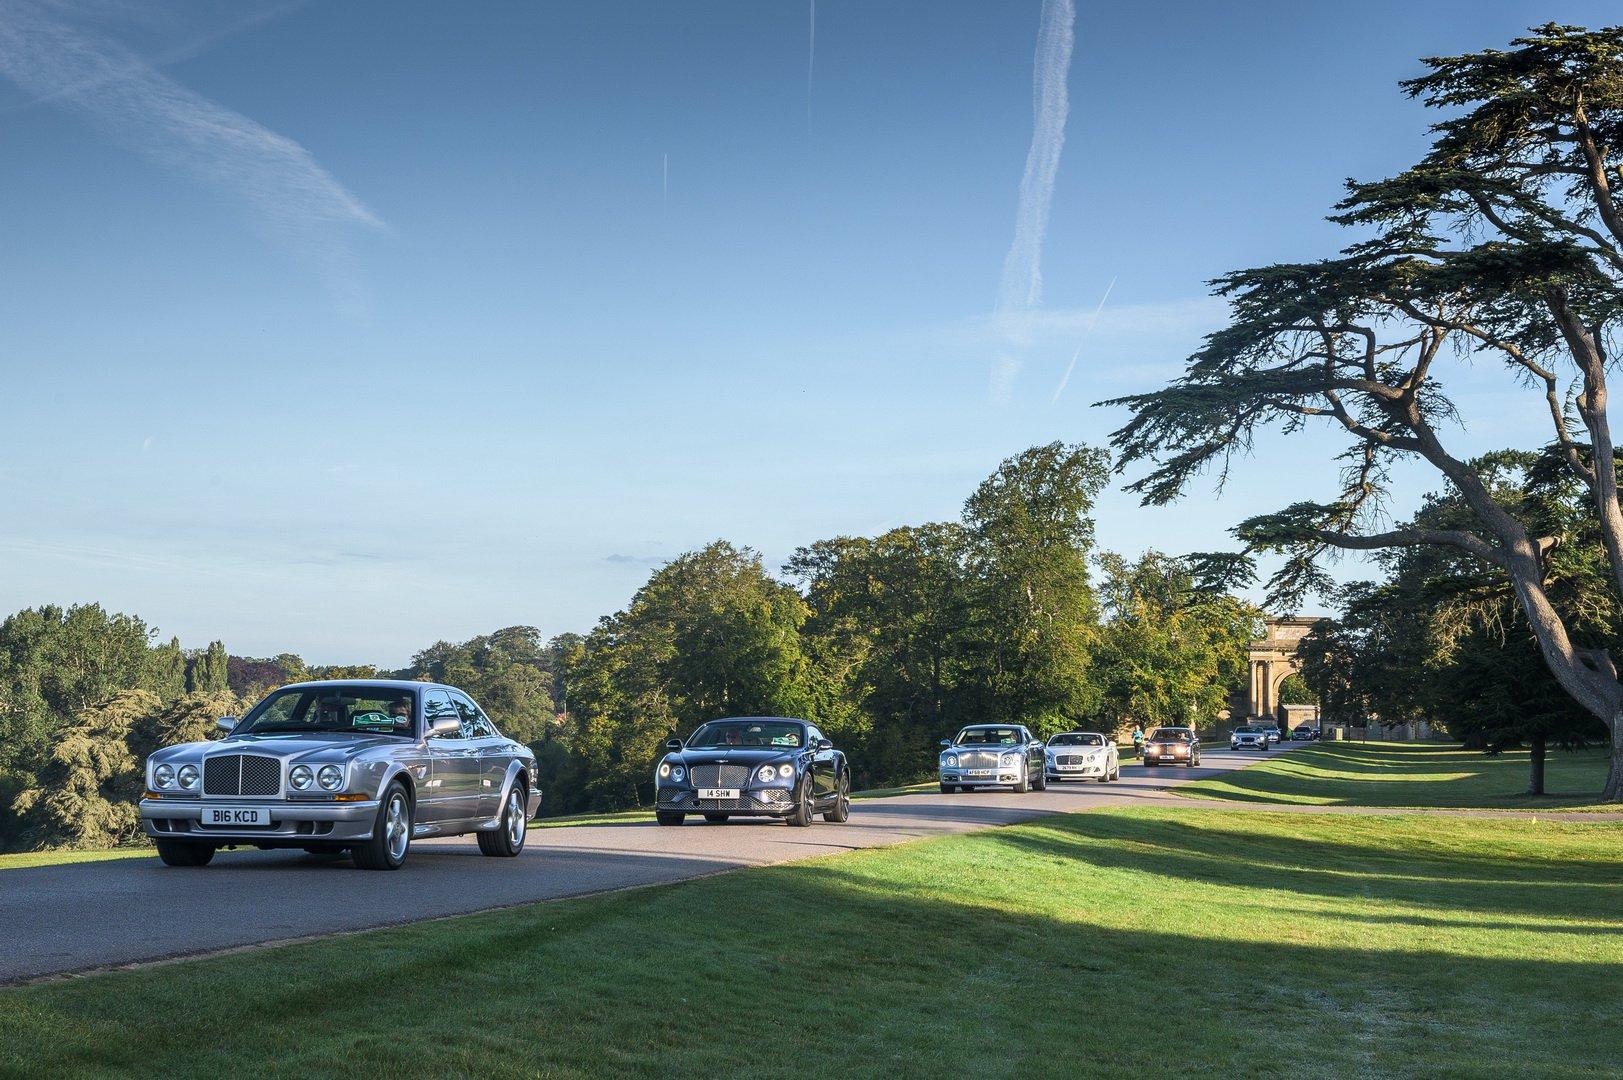 Sự kiện lập kỉ lục về số lượng Bentley cùng tụ họp ở 1 nơi